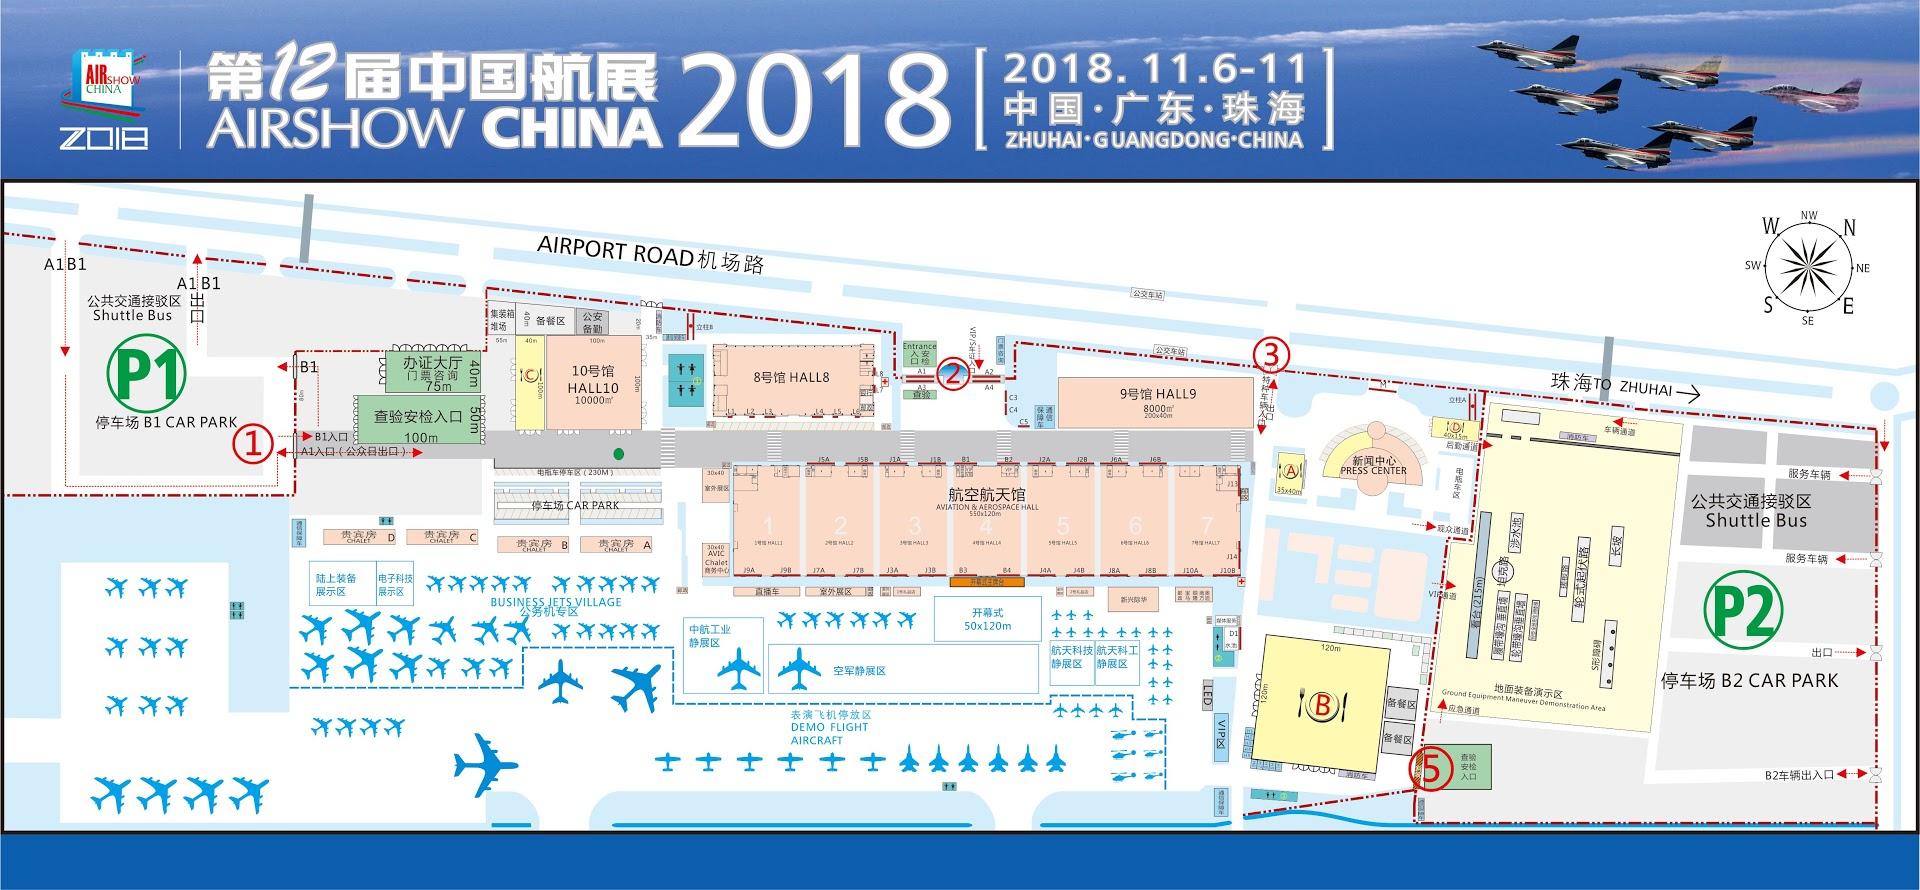 Salon aéronautique de Zuhai 2018 / Airshow China 2018 (6 au 11 novembre) 853